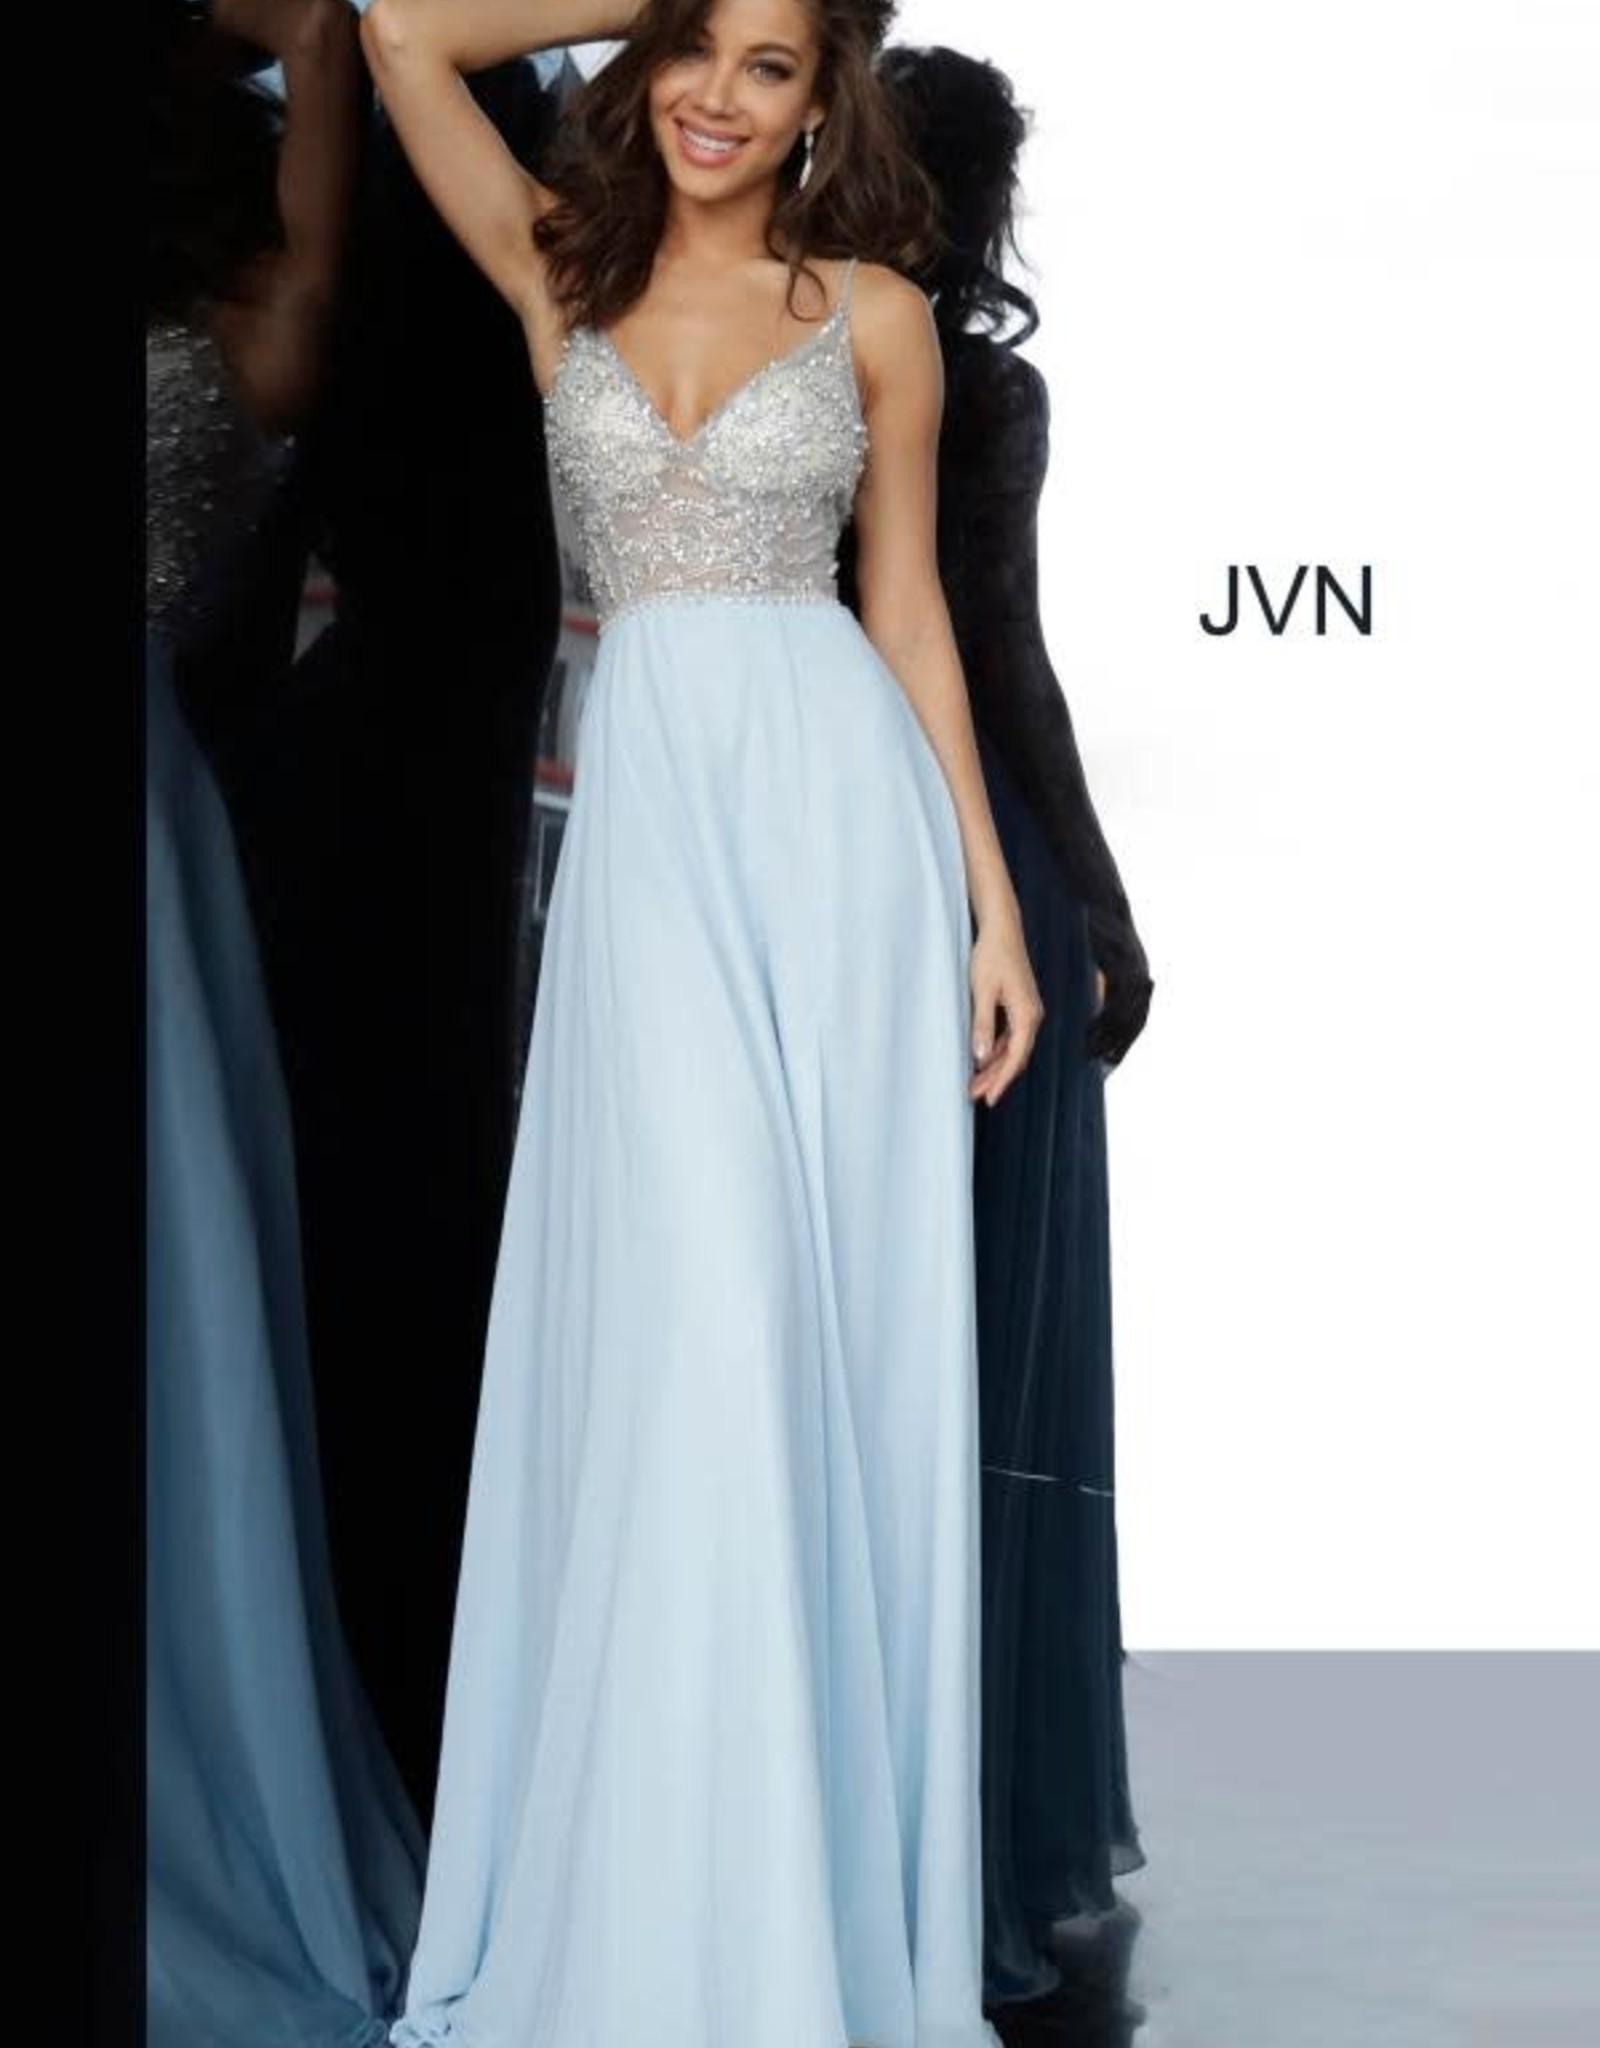 JVN for Jovani JVN  for Jovani light blue 00